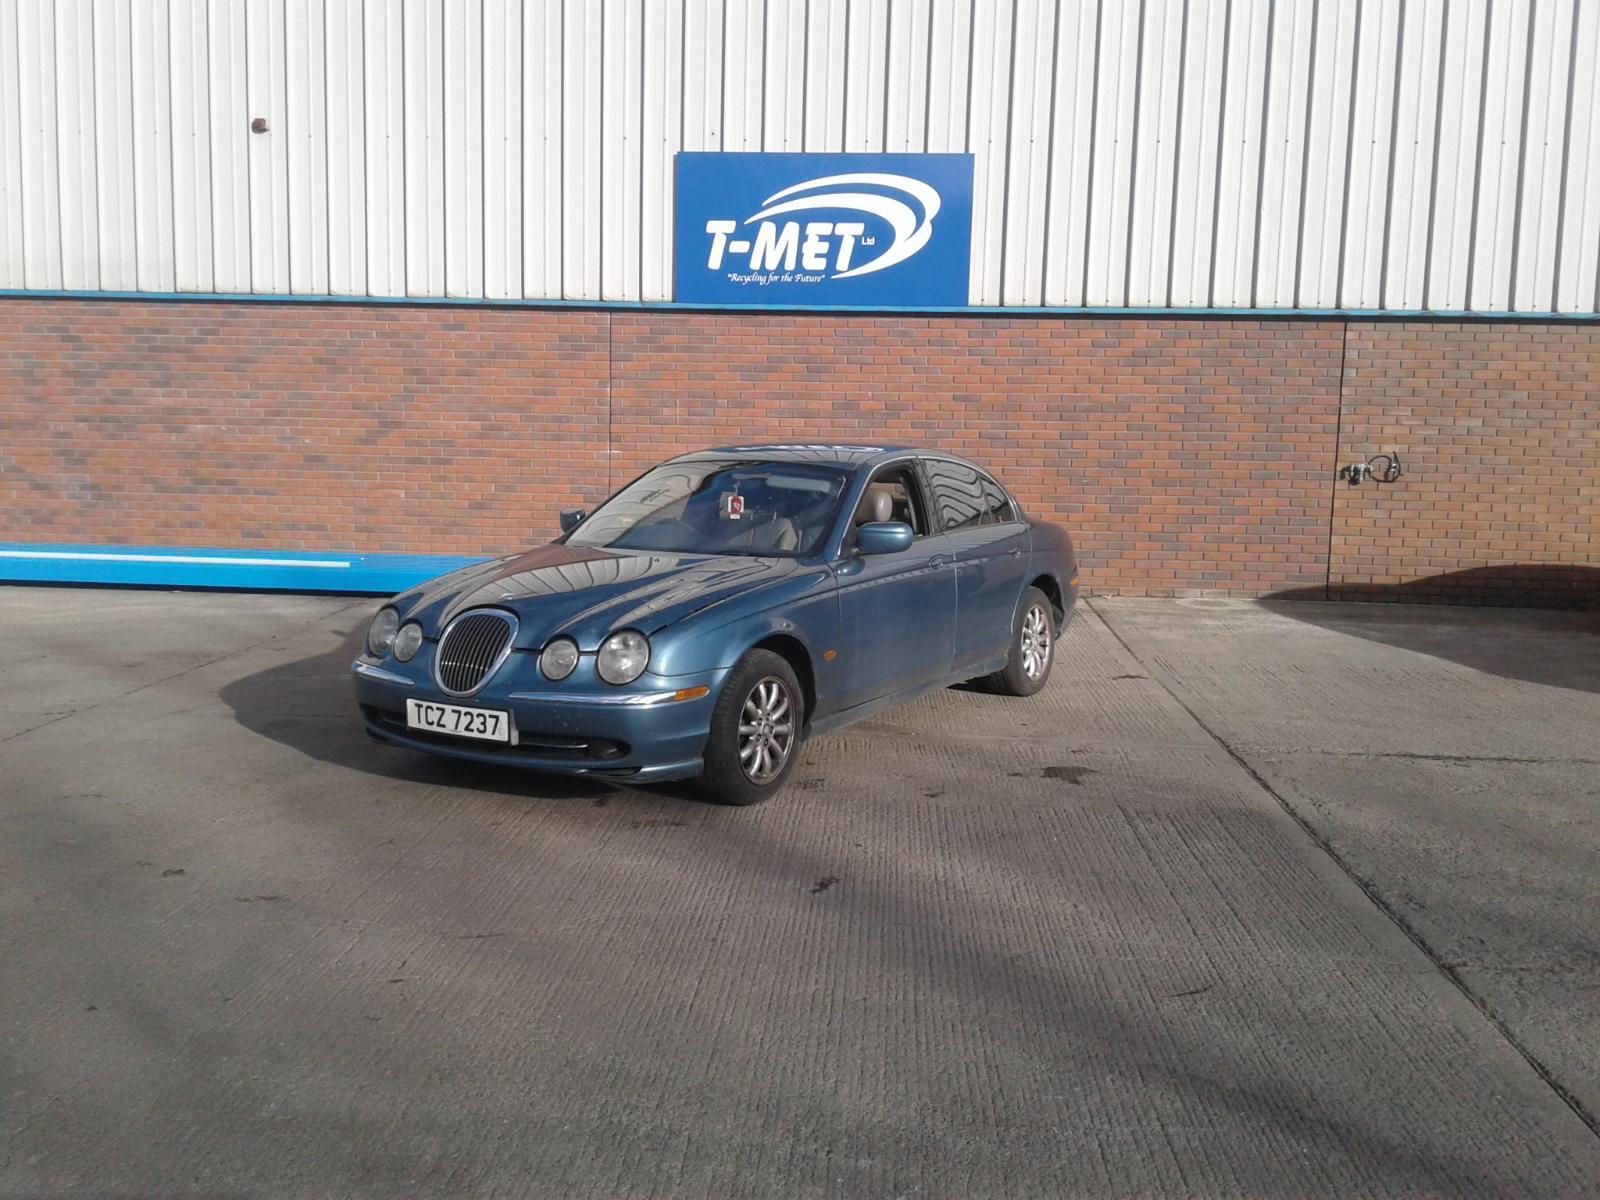 2001 Jaguar S TYPE V6 Image